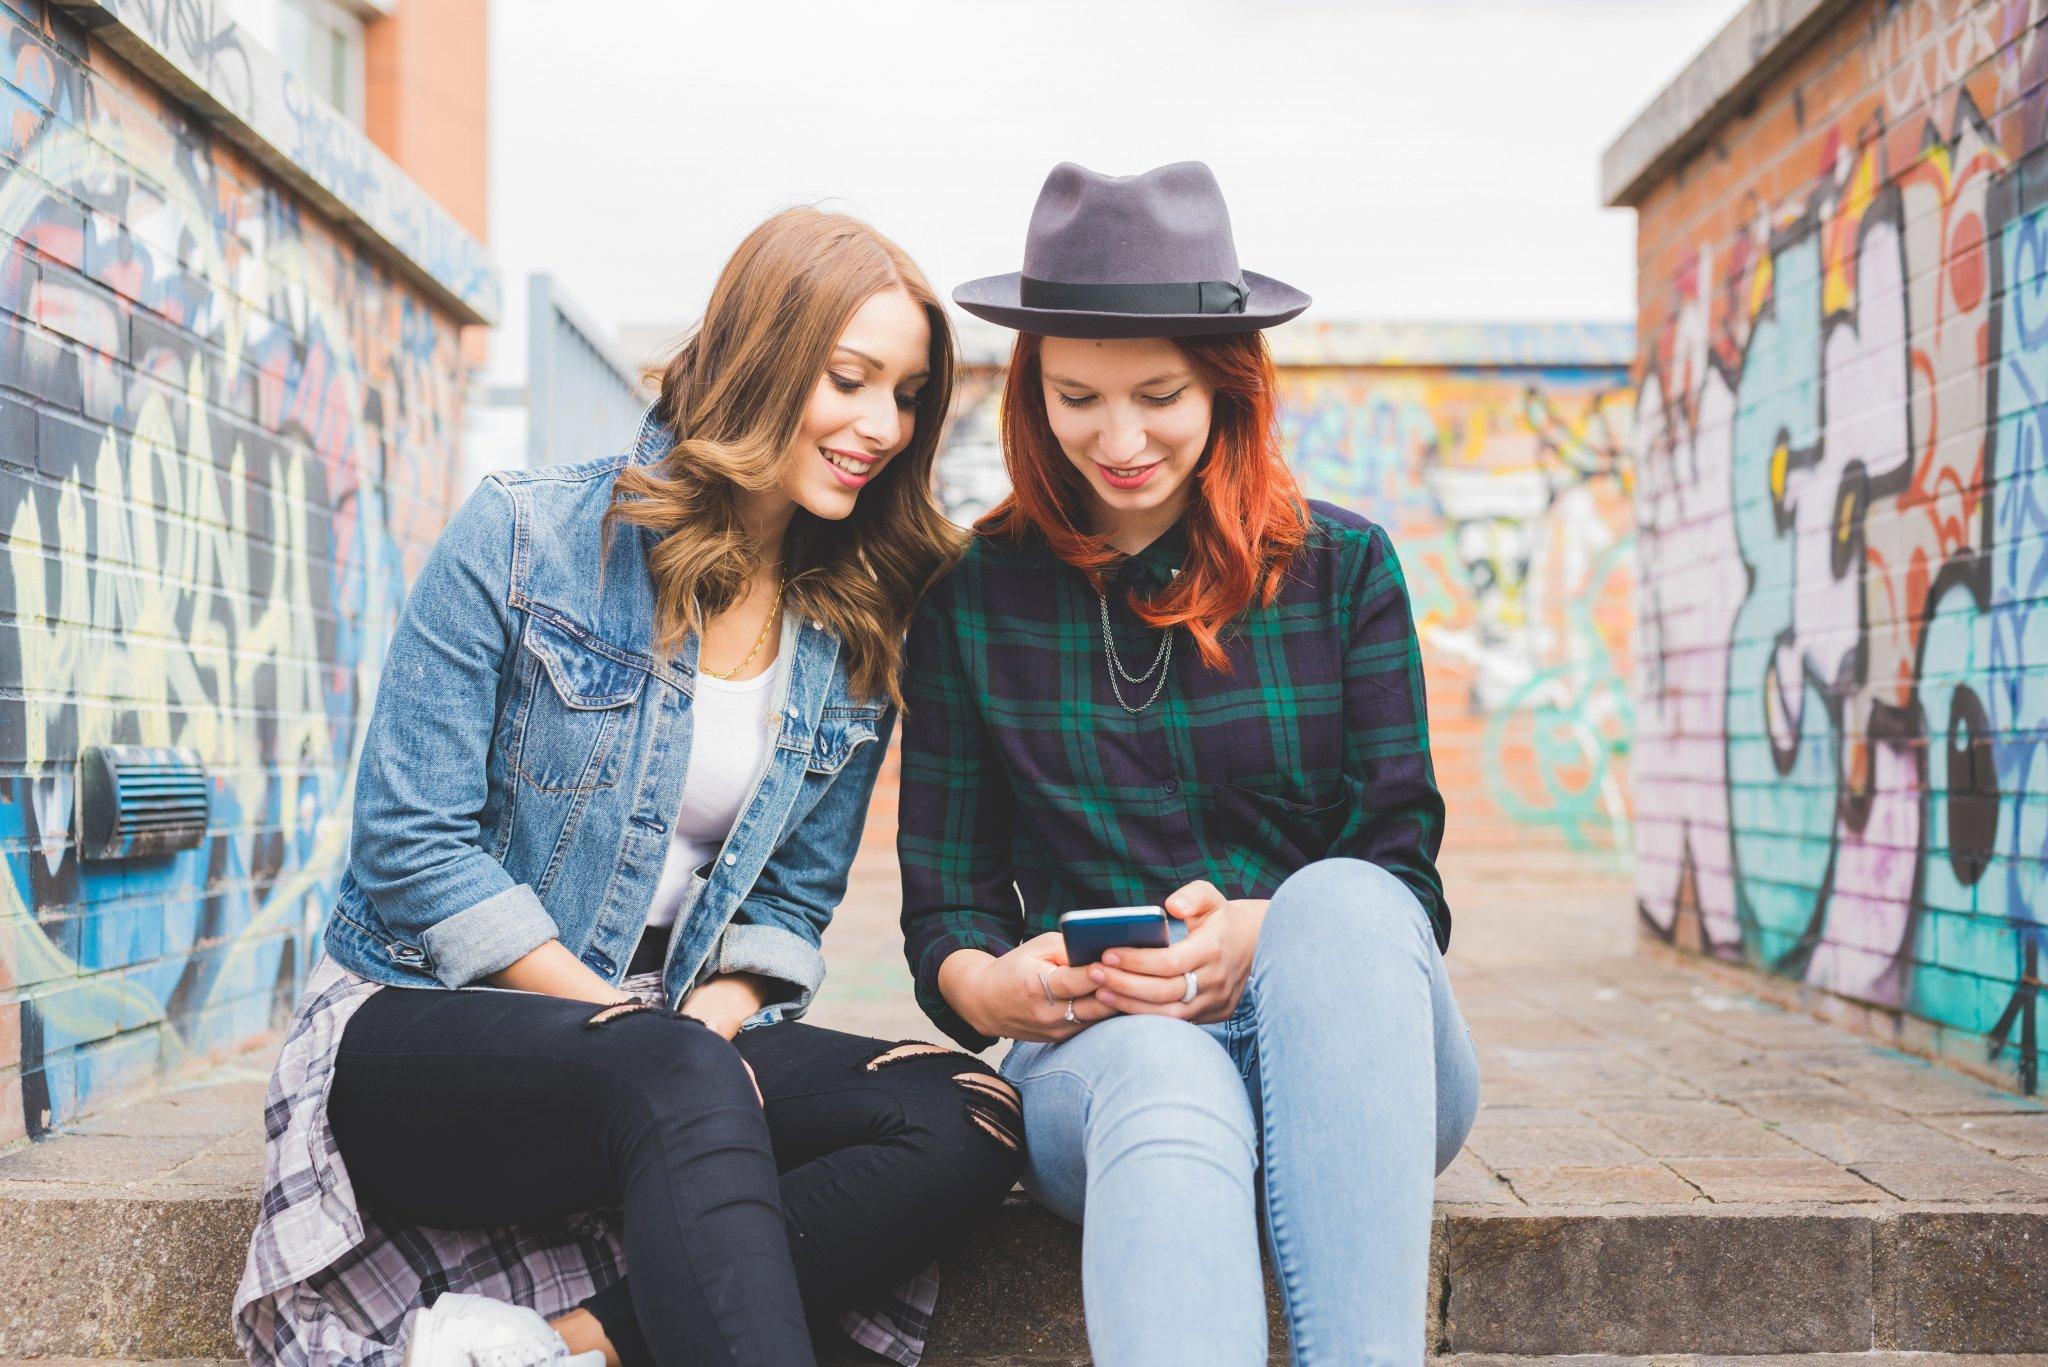 duas mulheres sentadas em um degrau, olhando para a tela de um celular